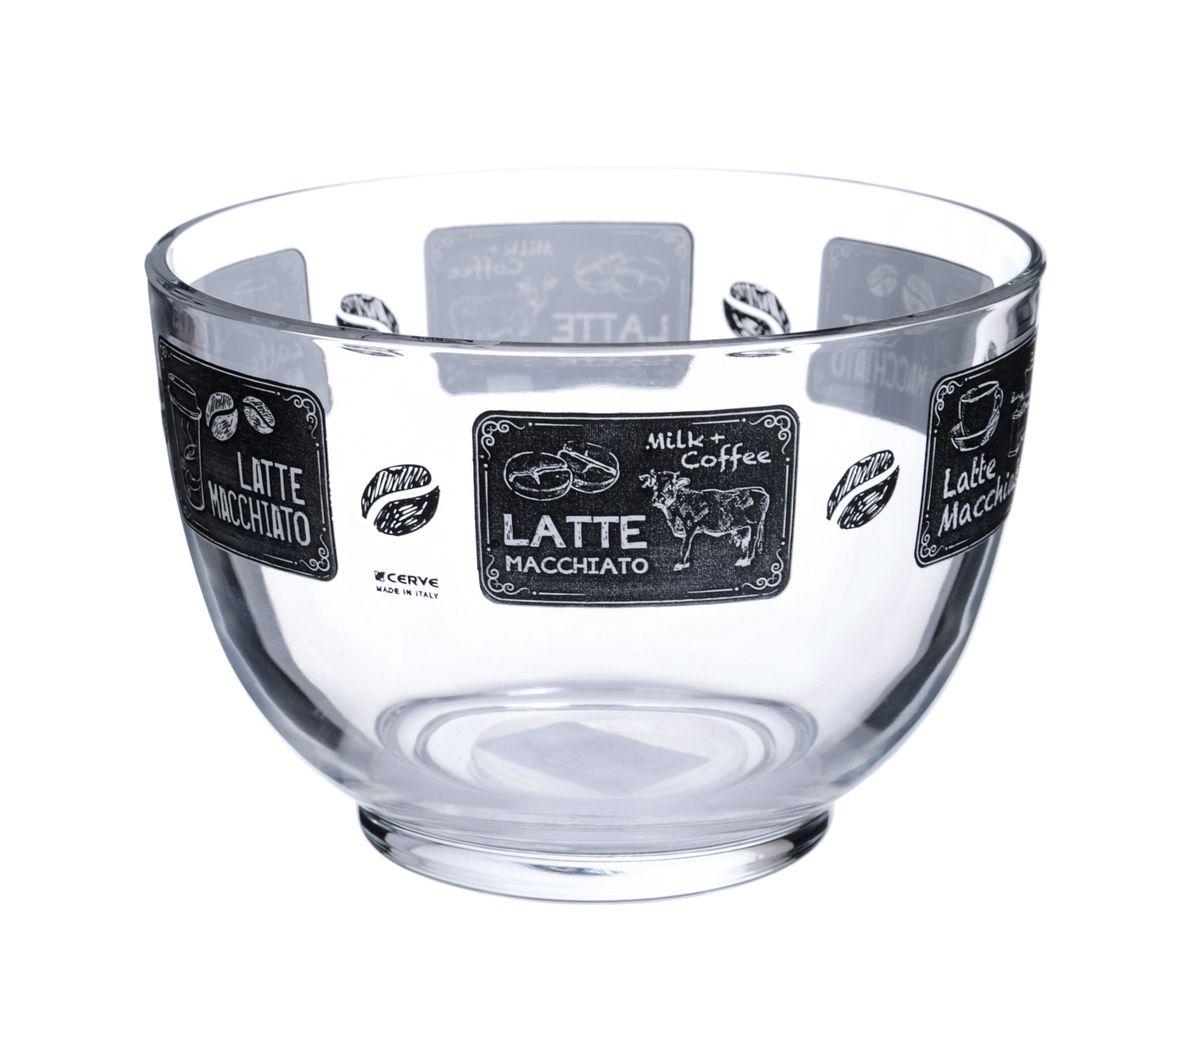 Салатница Cerve Кофейня, цвет: прозрачный, черный, 690 млCEM52900Салатница Cerve Кофейня изготовлена из прочного стекла и декорирована красочным рисунком. Она легко моется в теплой воде.Яркая салатница станет украшением вашего стола и прекрасно подойдет для использования, как дома, так и на даче или пикниках.Можно мыть в посудомоечной машине. Объем салатницы: 690 мл. Диаметр салатницы (по верхнему краю): 13 см. Высота стенки салатницы: 9 см.